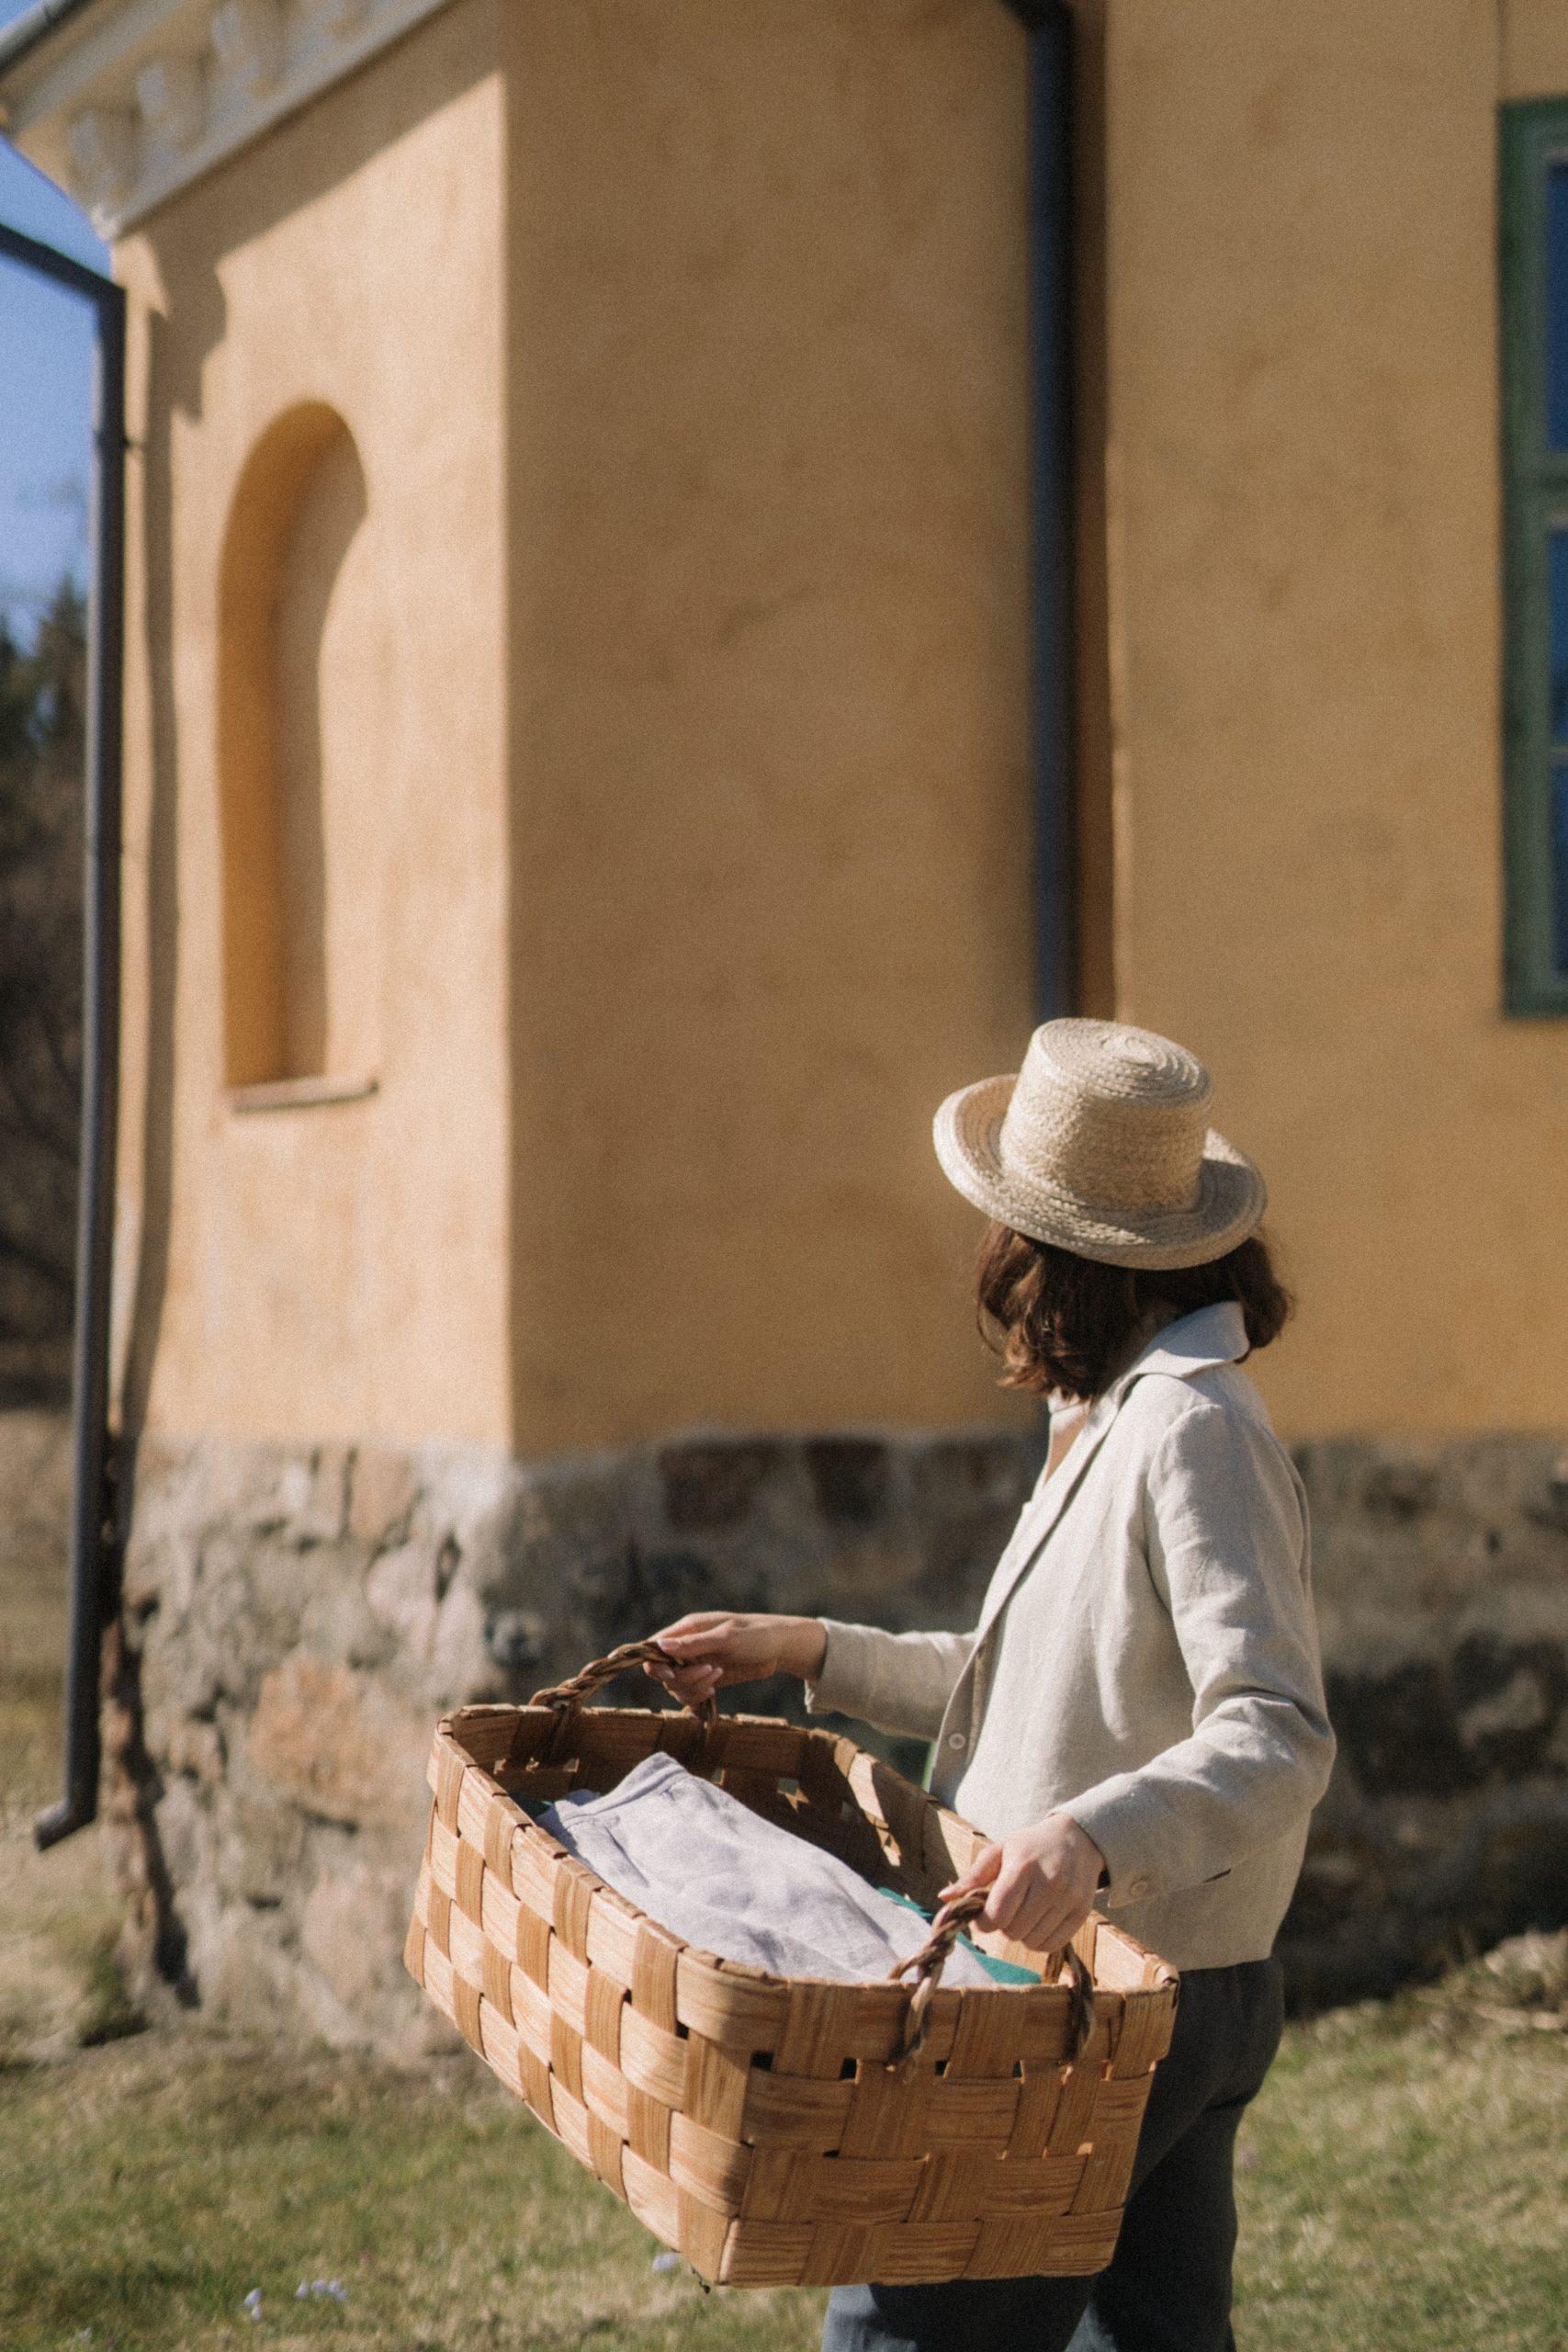 Orvokki pellavapaitapusero ja Saunio pellavahousut luovat ajattoman kauniin asukokonaisuuden